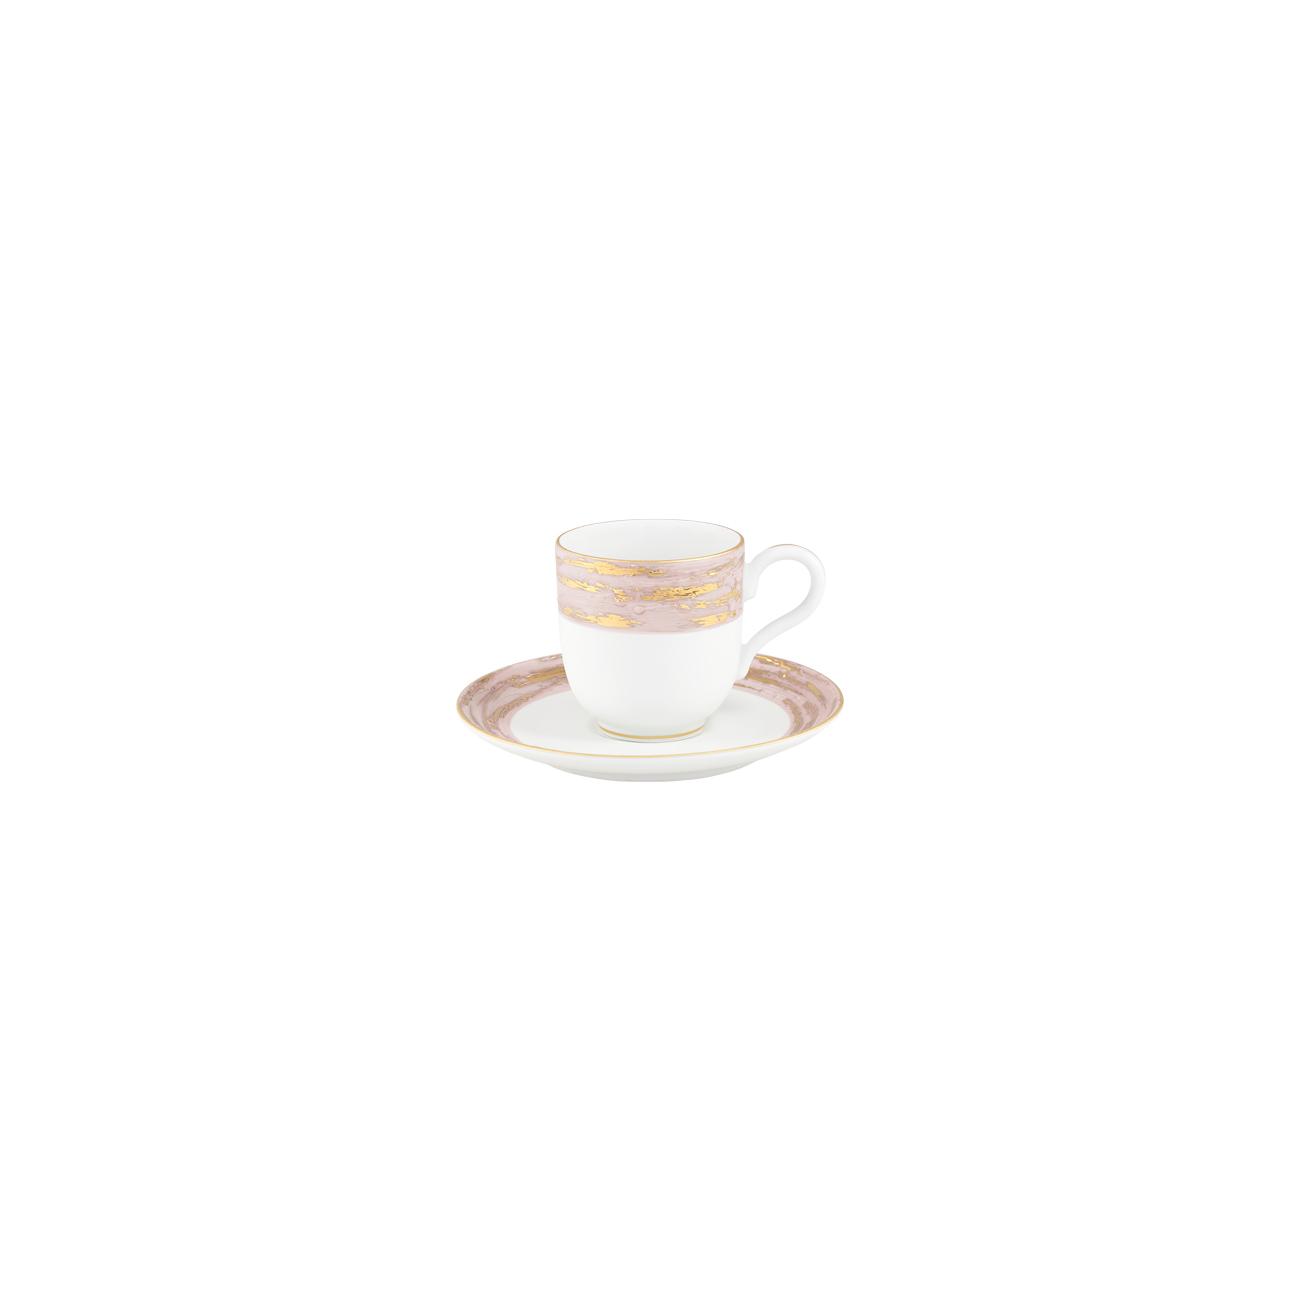 Chávena Café 11cl Antar + Pires 12cm Olymp 0